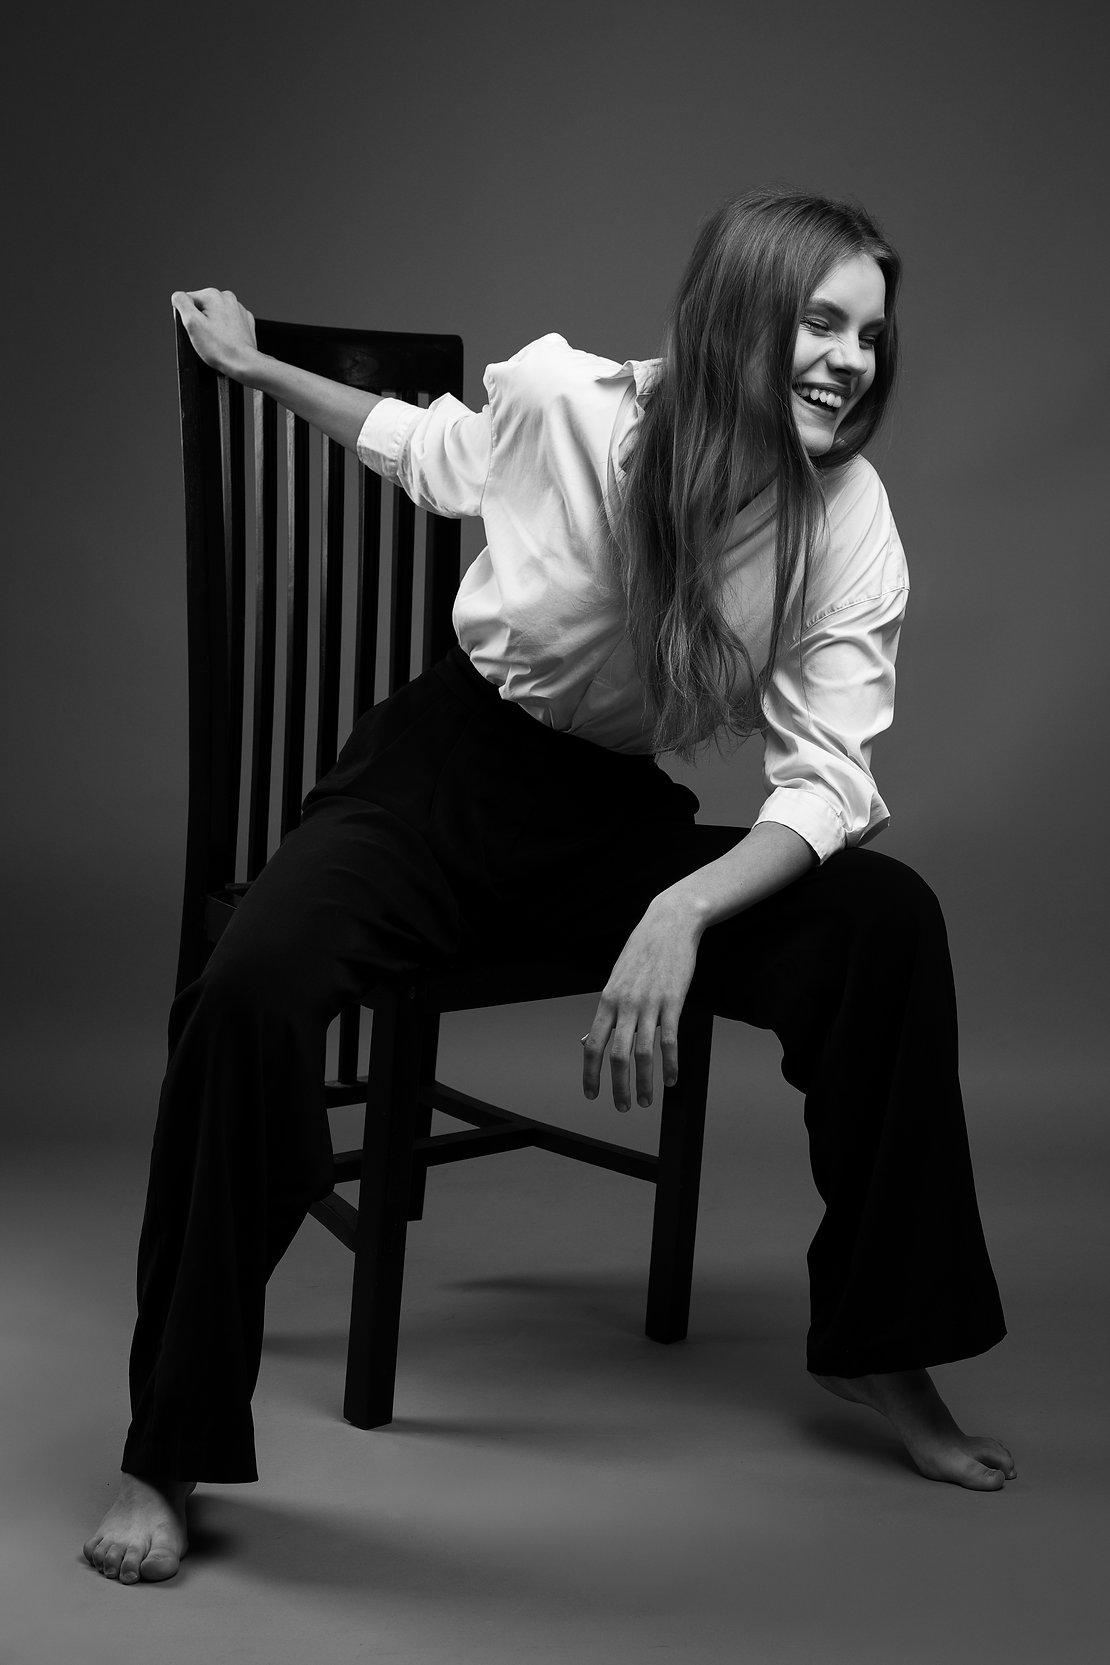 Rasos Įvaizdinė fotosesija | Asmeninė fotosesija | modelio fototestas | Modelio portfolio ruosimas | juodai balta fotografija | Mados fotografija | Mados fotografas - Edgaras Bajercius